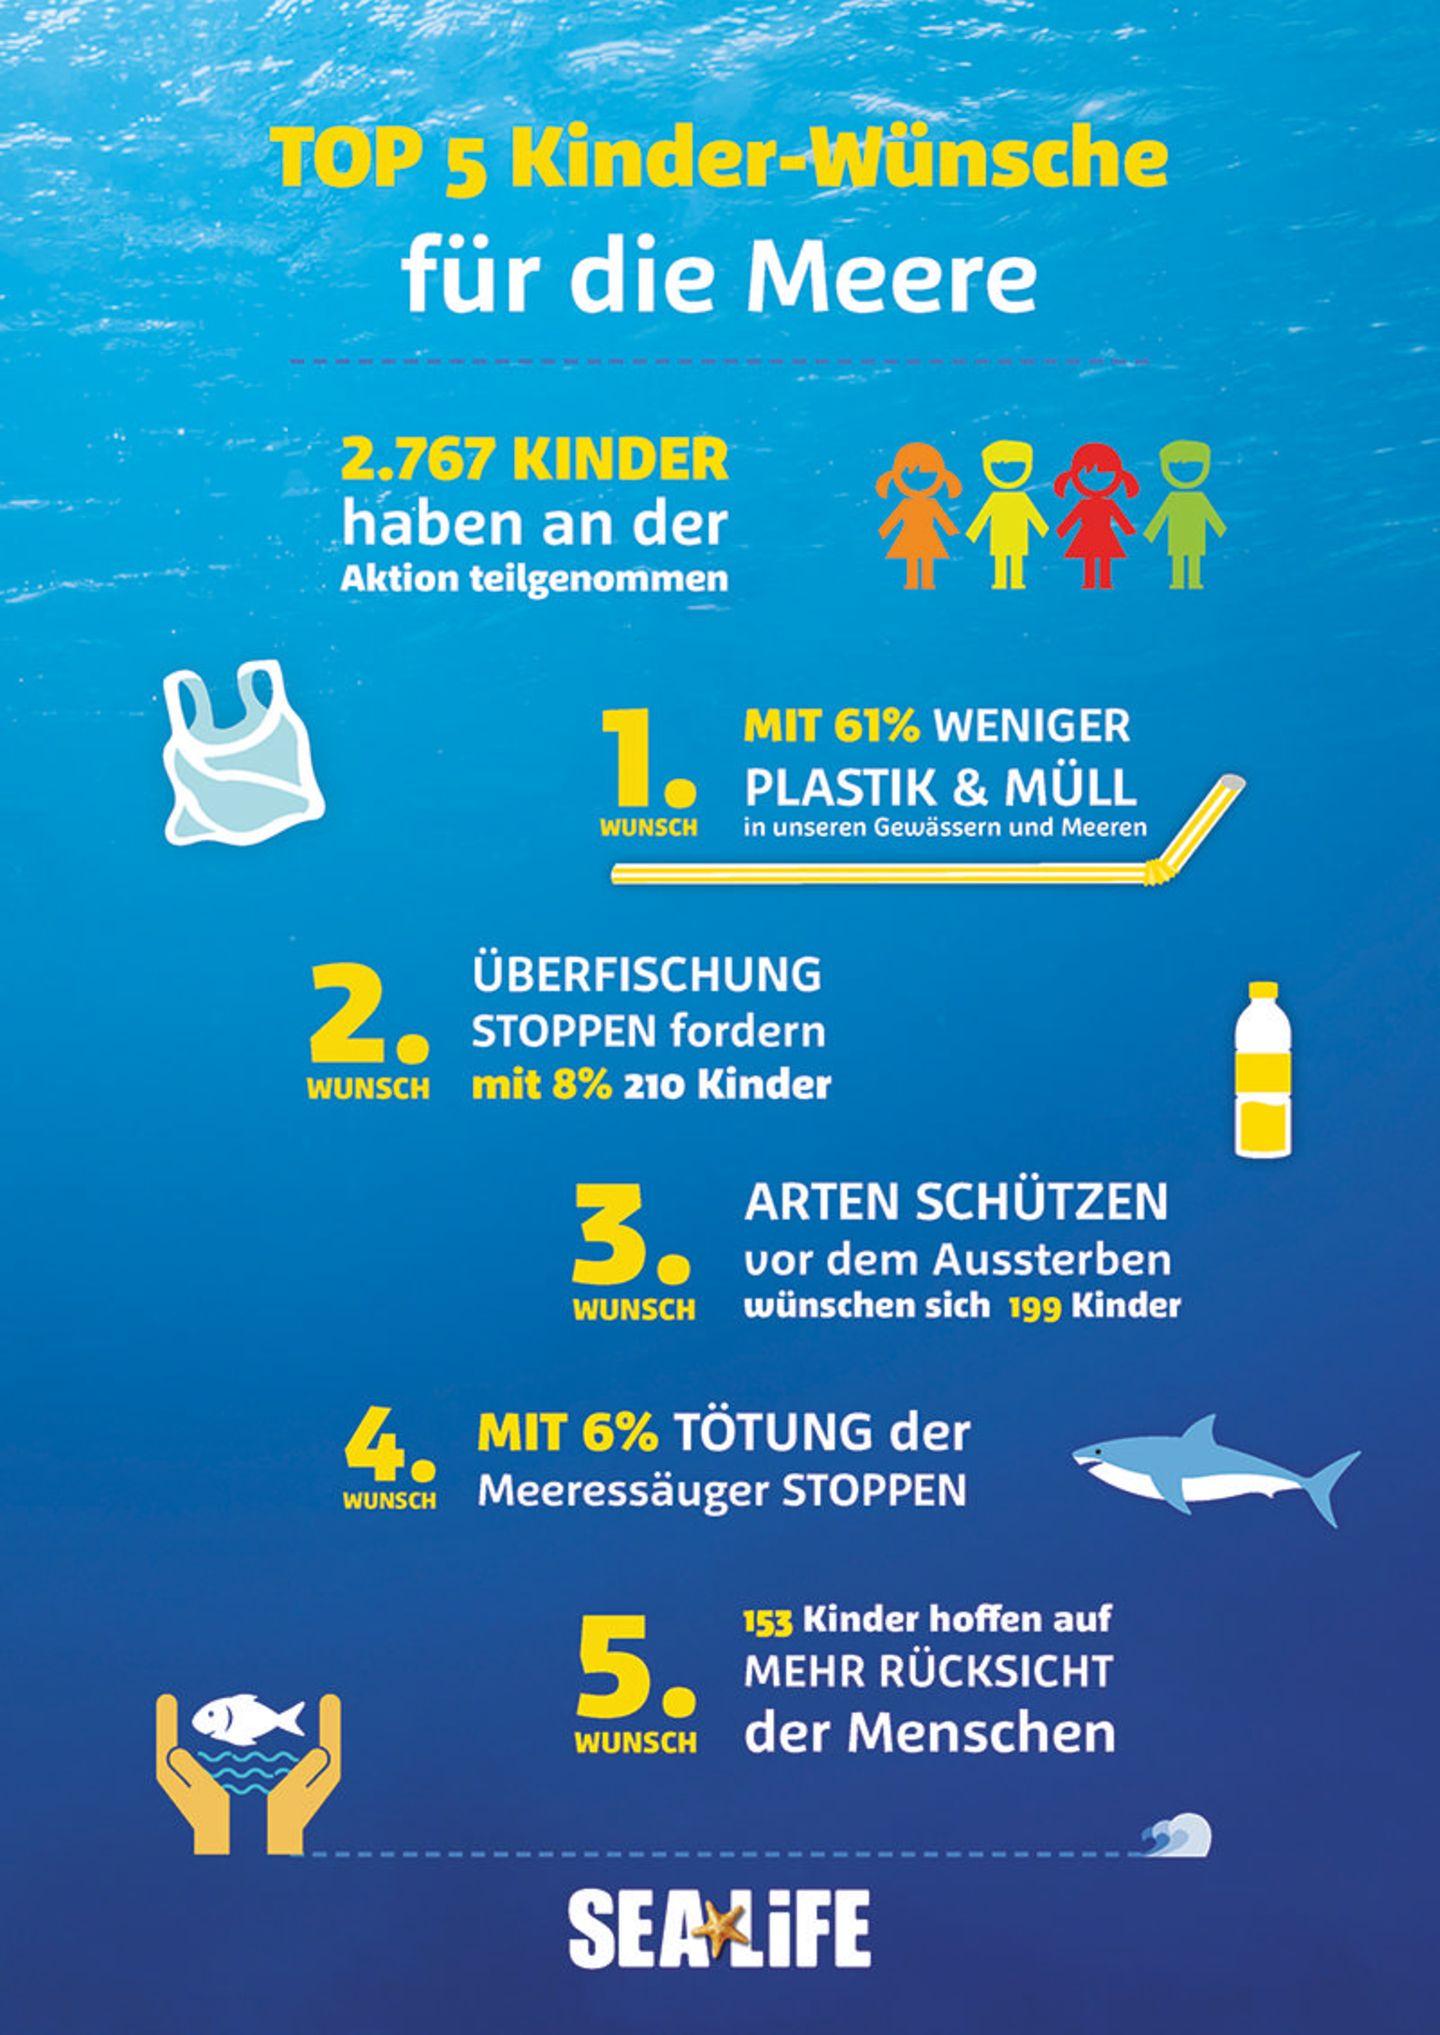 Kinderwünsche für die Meere